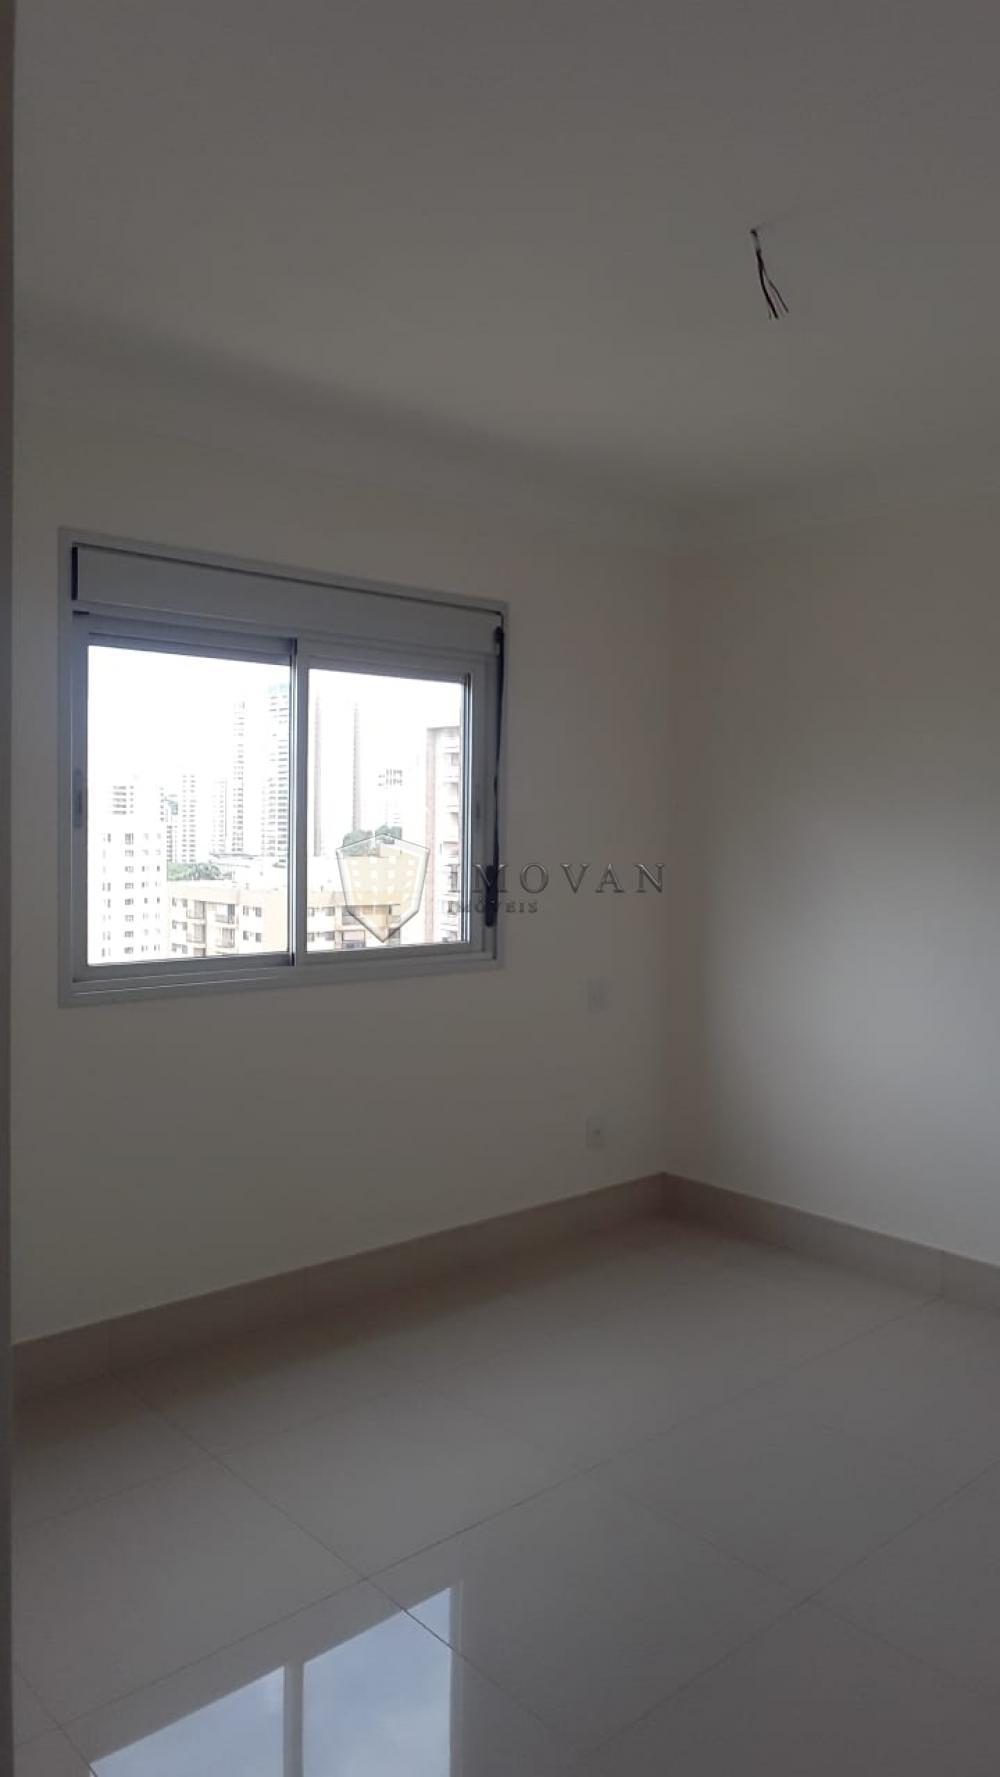 Comprar Apartamento / Padrão em Ribeirão Preto apenas R$ 619.000,00 - Foto 8